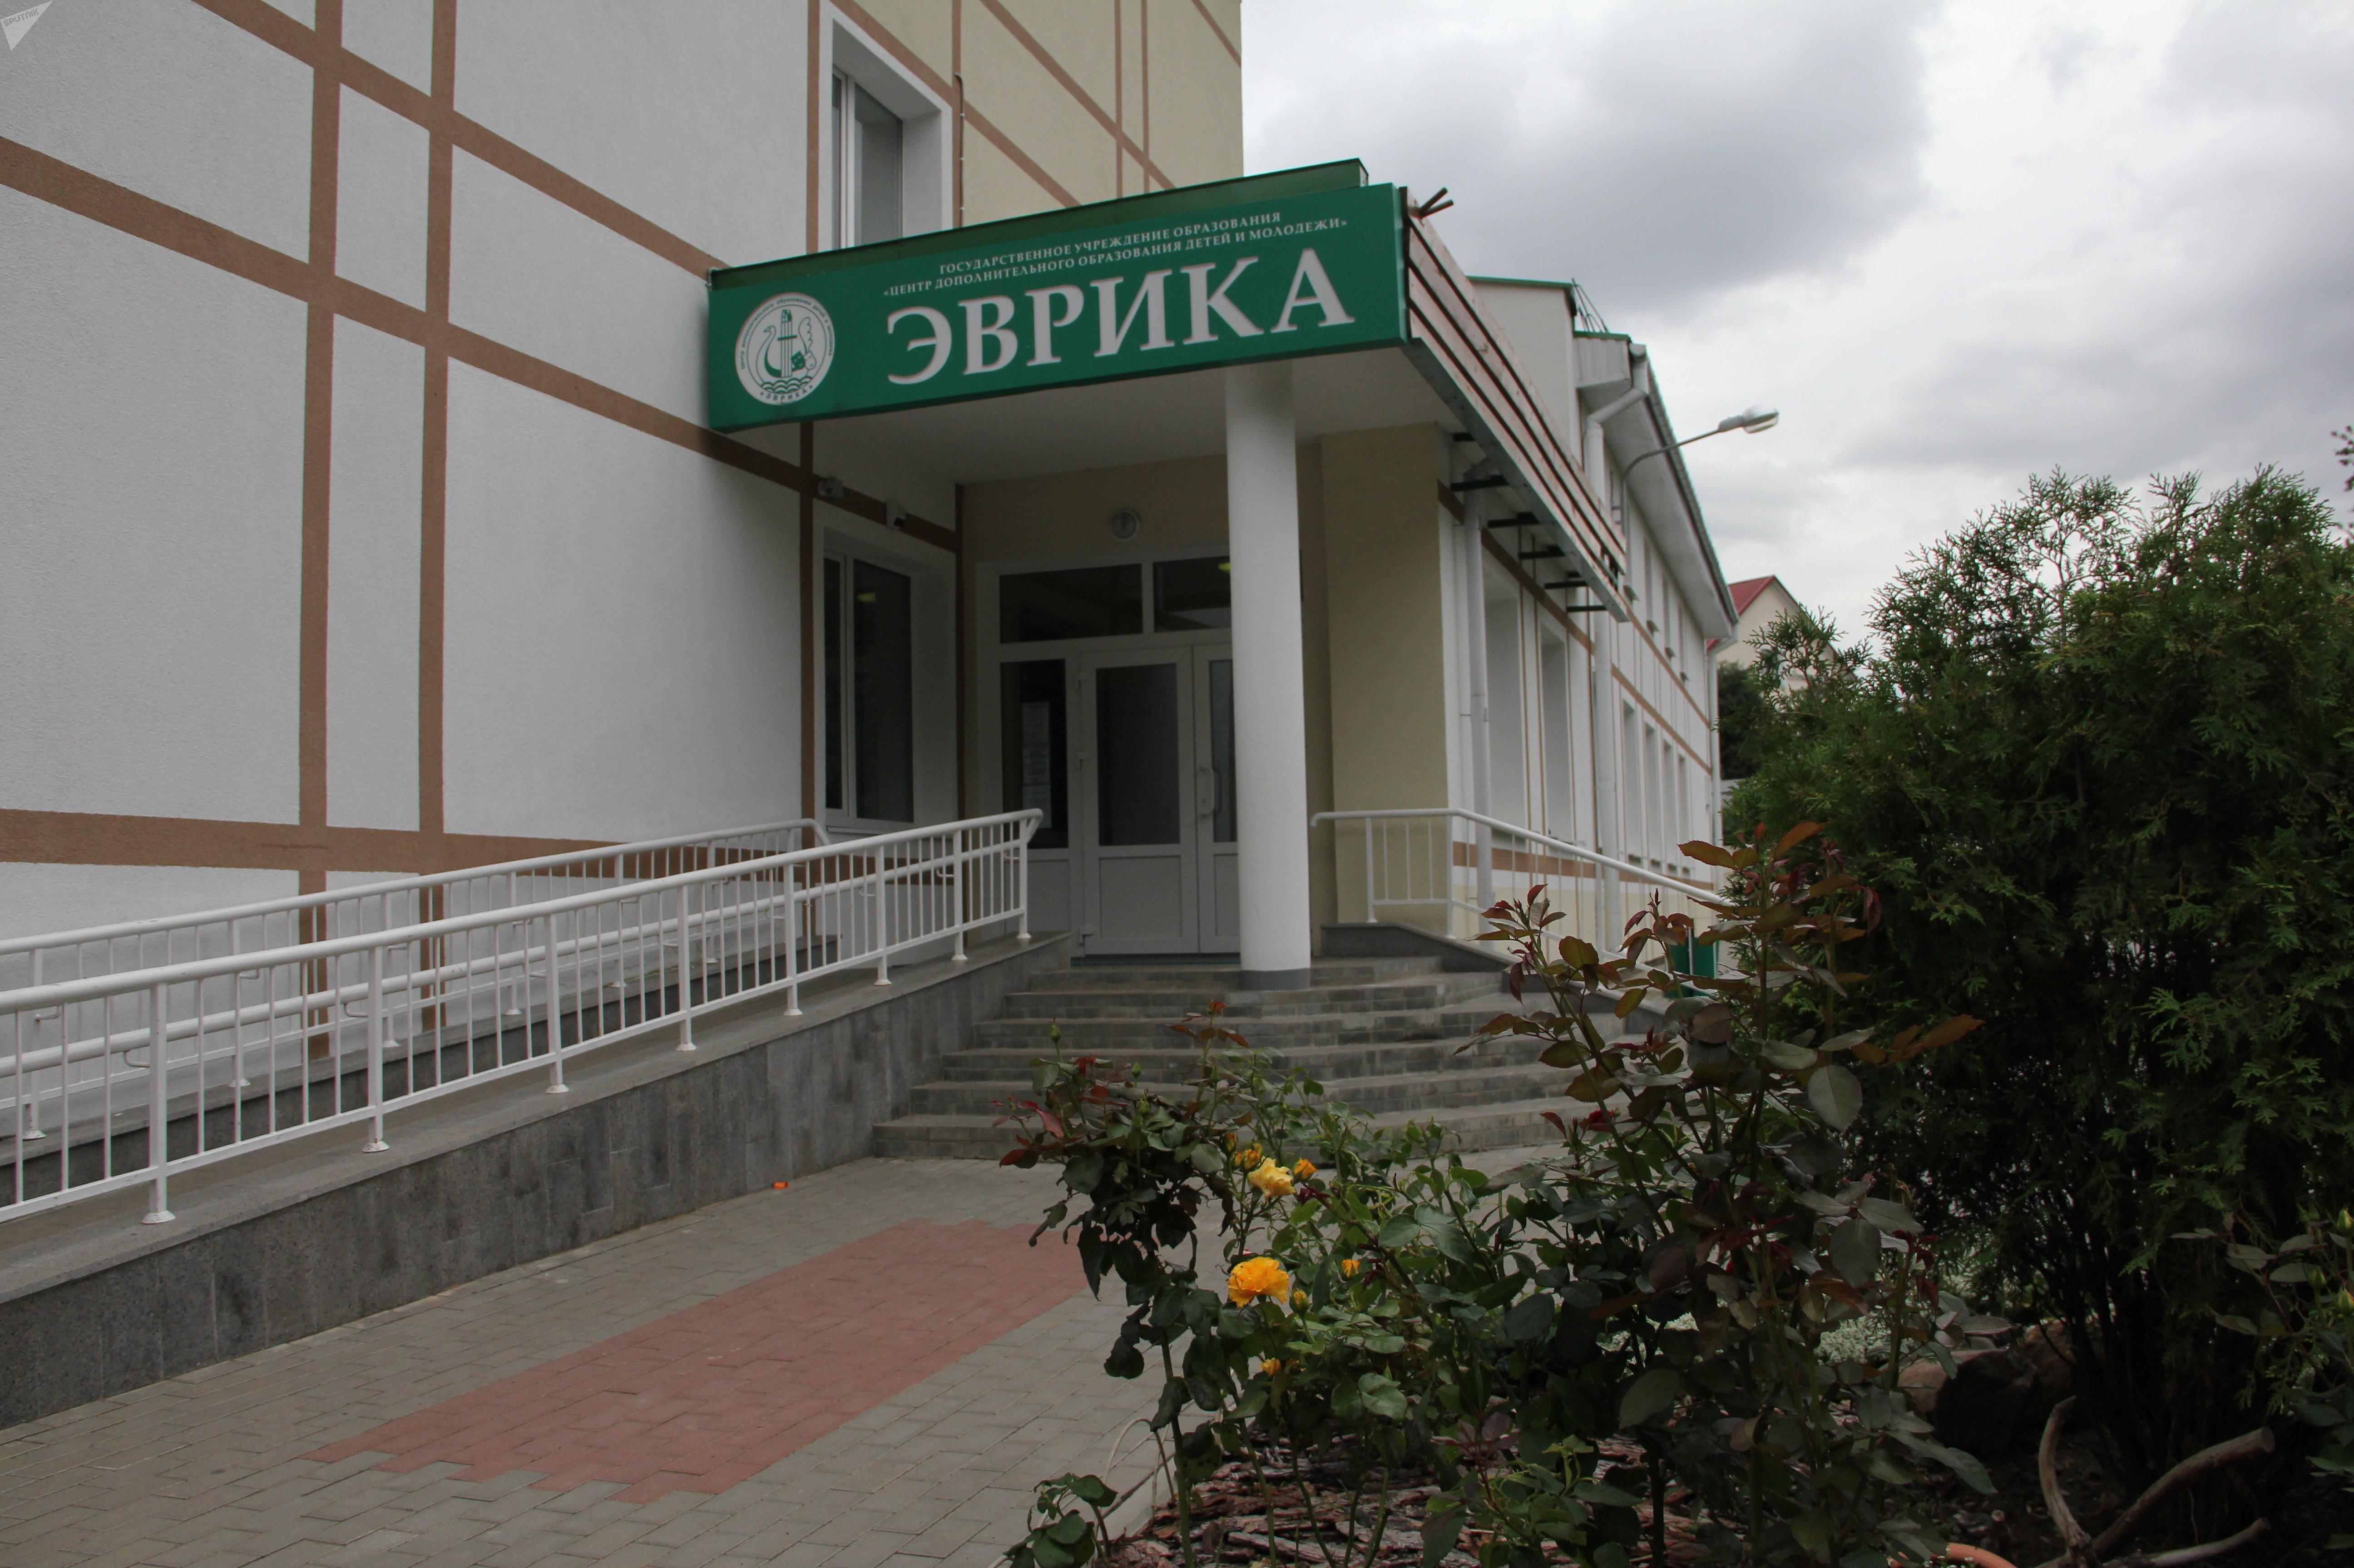 Центр дополнительного образования детей и молодежи Эврика